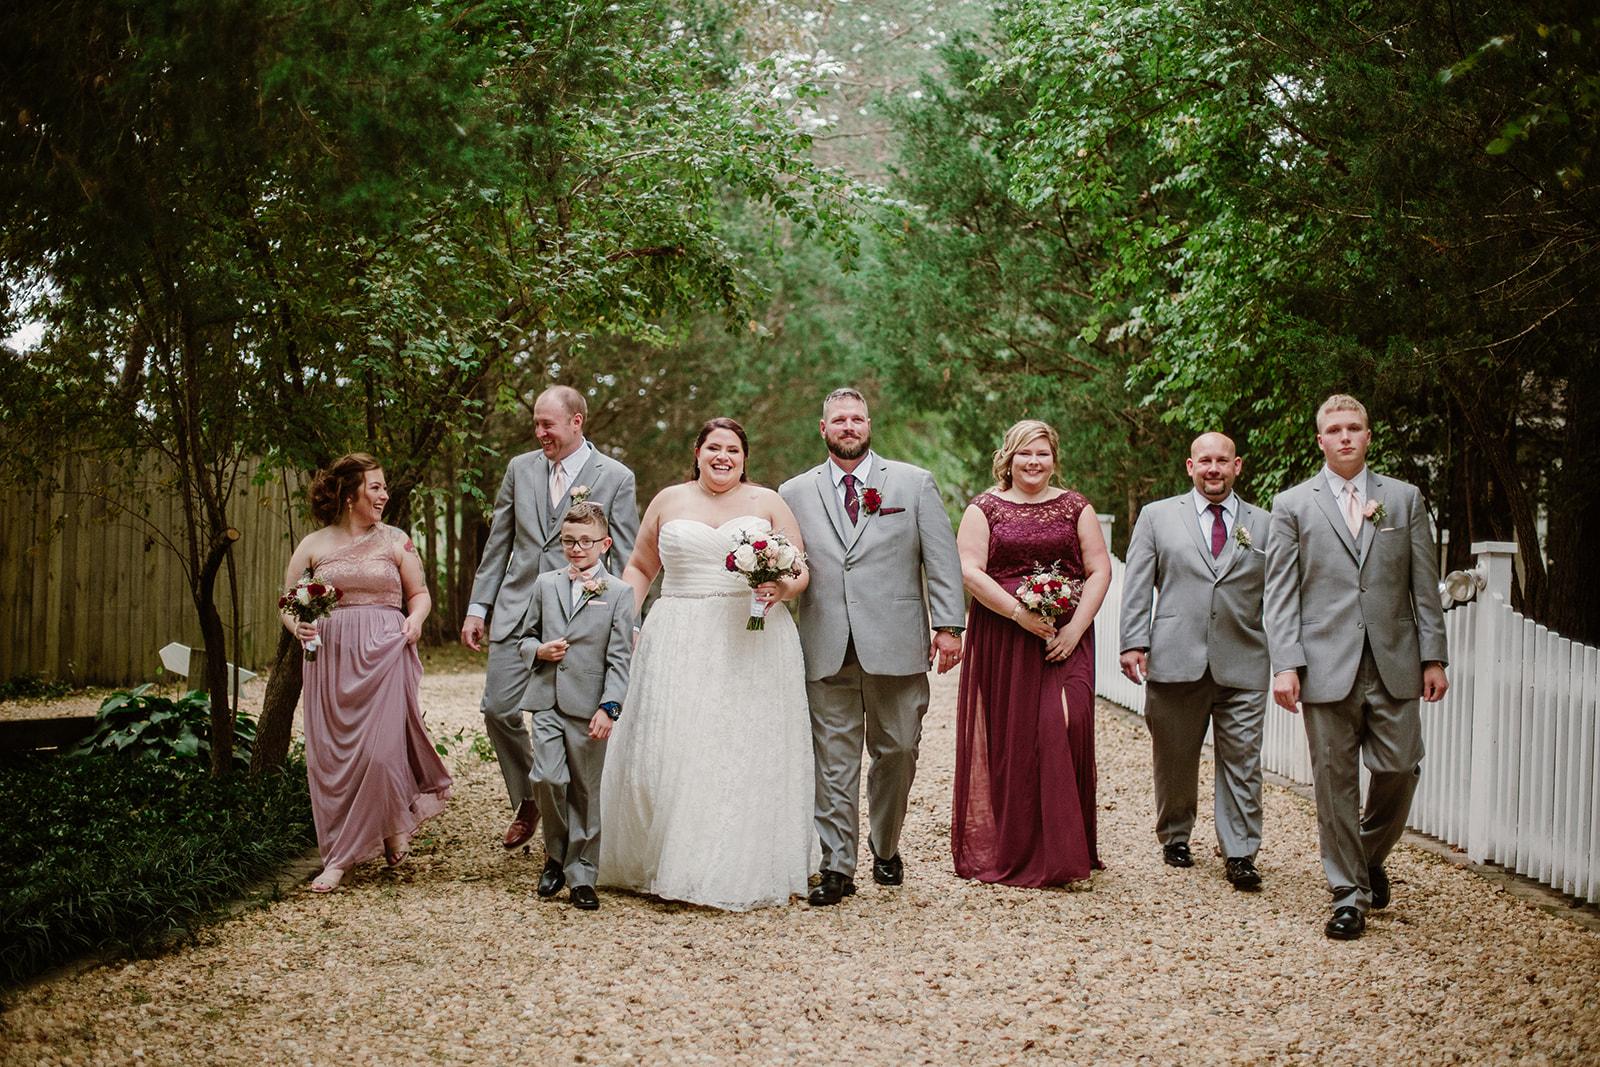 SarahMattozziPhotography-NicoleChris-GlenGardens-WeddingParty-1.jpg